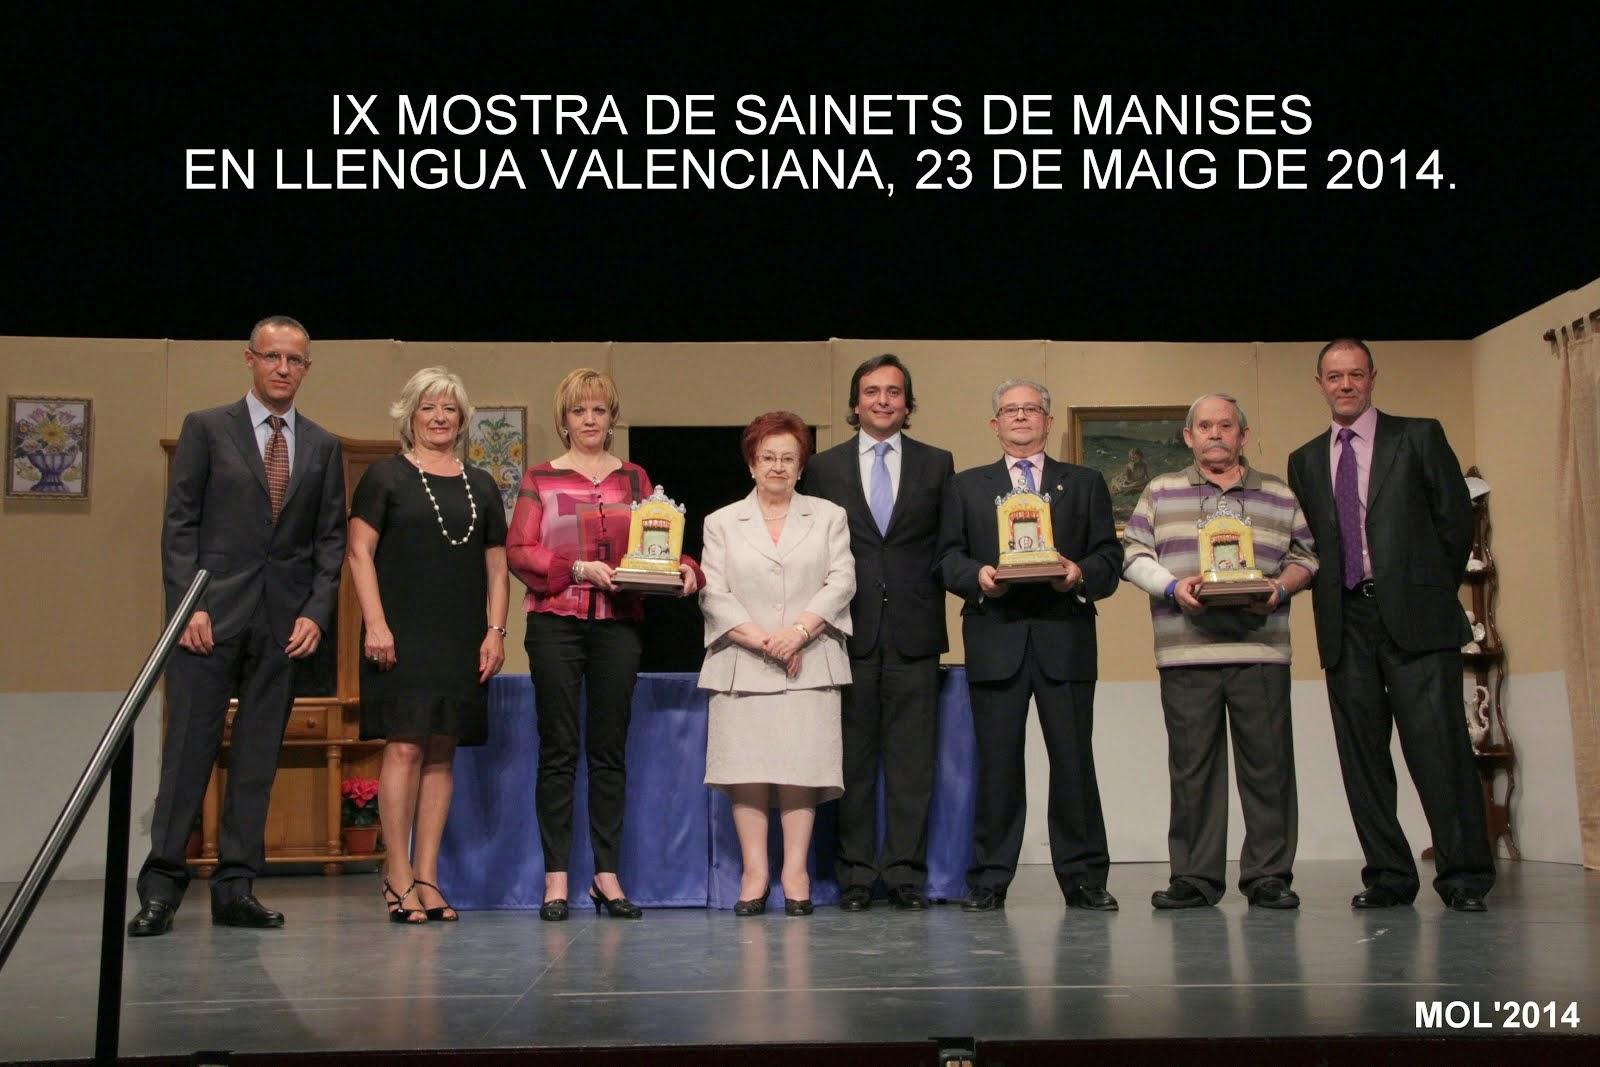 23.05.14 MOSTRA DE SAINETS EN LLENGUA VALENCIANA, MANISES MAIG DE 2014